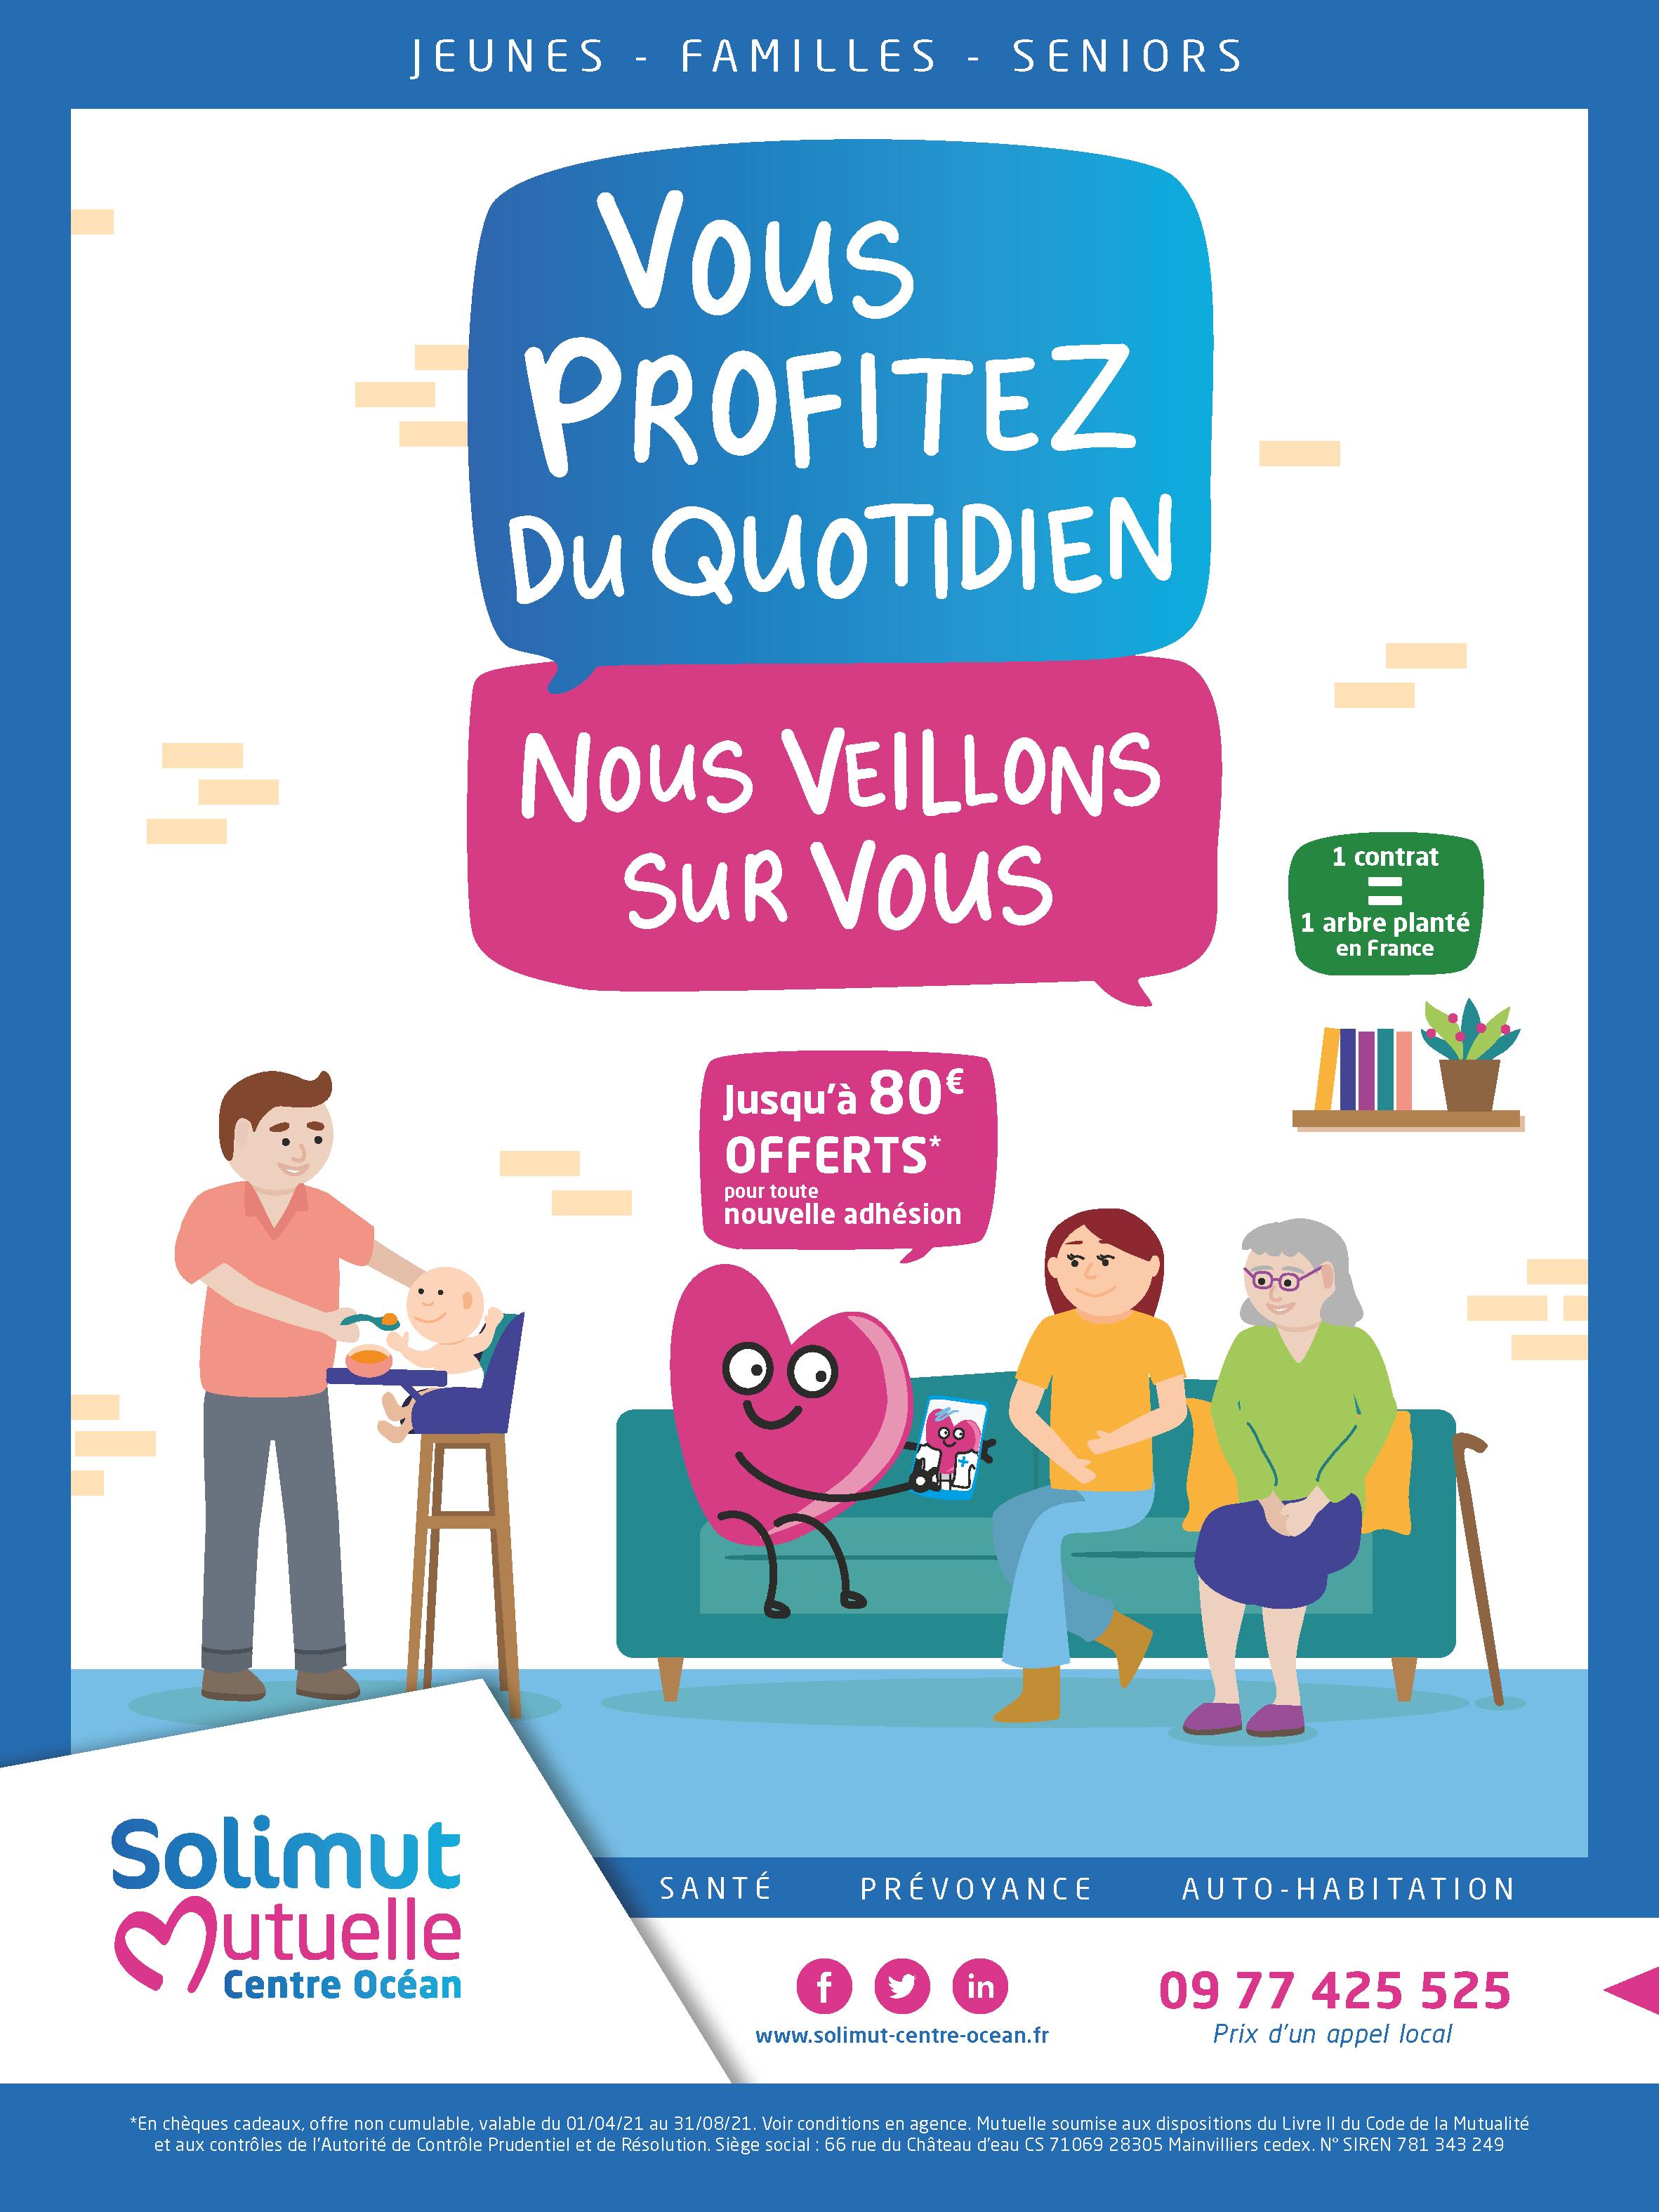 Affiche campagne jeunes familles seniors